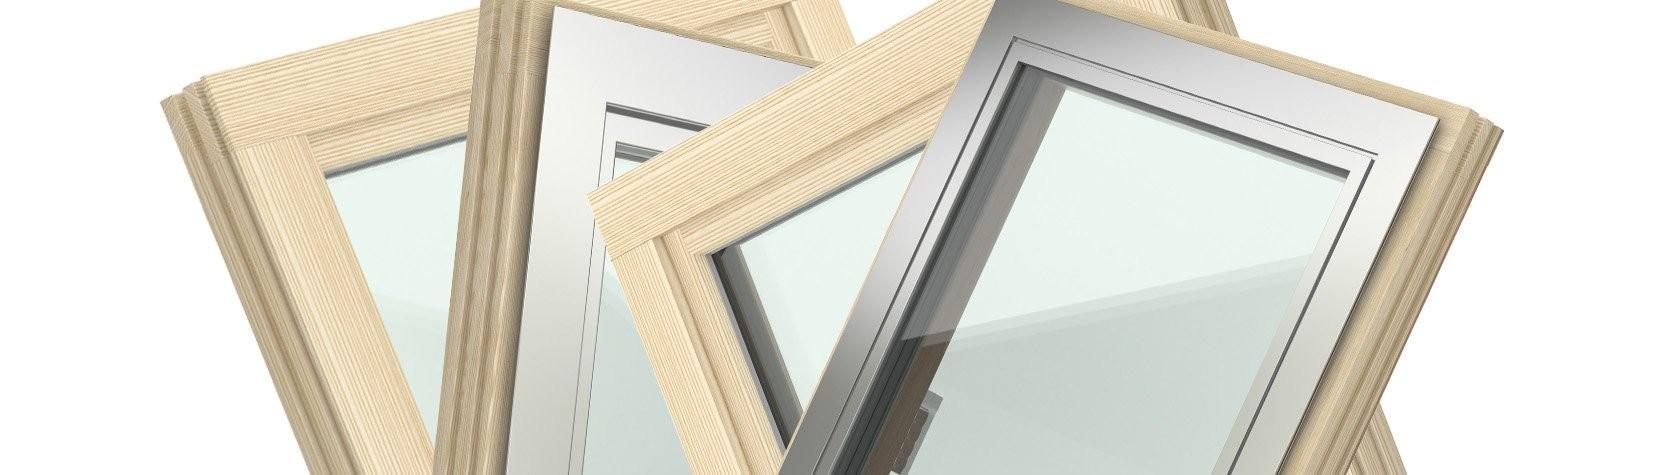 Velika izbira lesenih oken